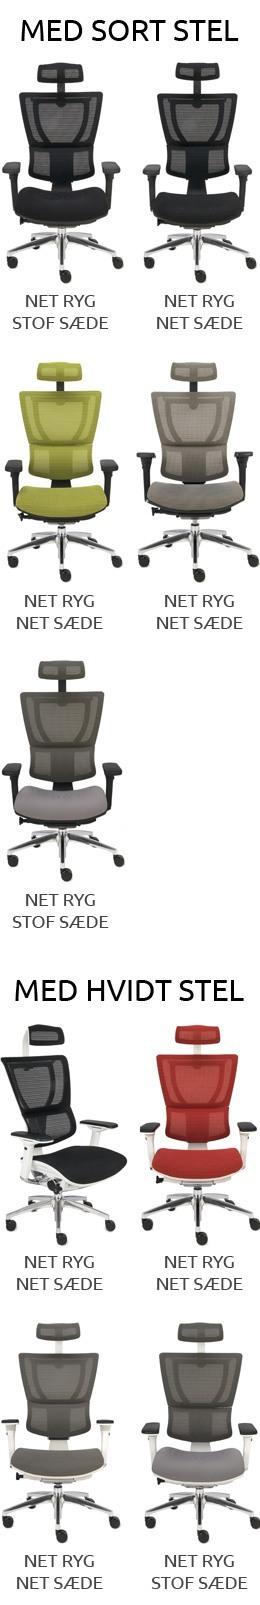 Oversigt over IOO KMD kontorstol modeller